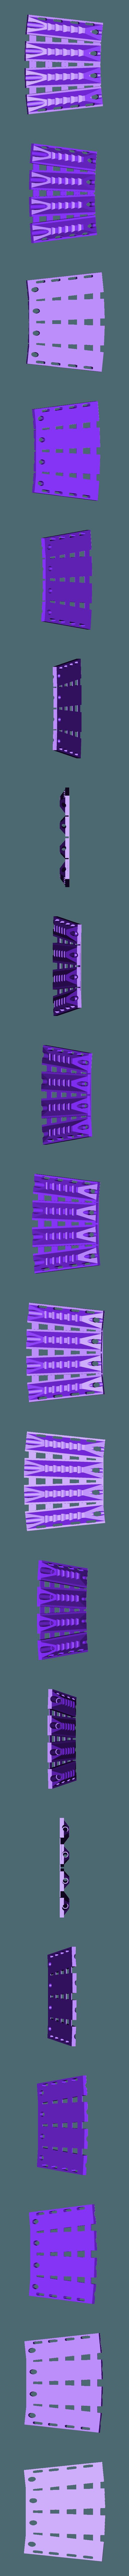 hand plate.stl Télécharger fichier STL Doigts et pouces de robot et MISE À JOUR avec parties de doigts plus longues 3 tailles • Design à imprimer en 3D, LittleTup